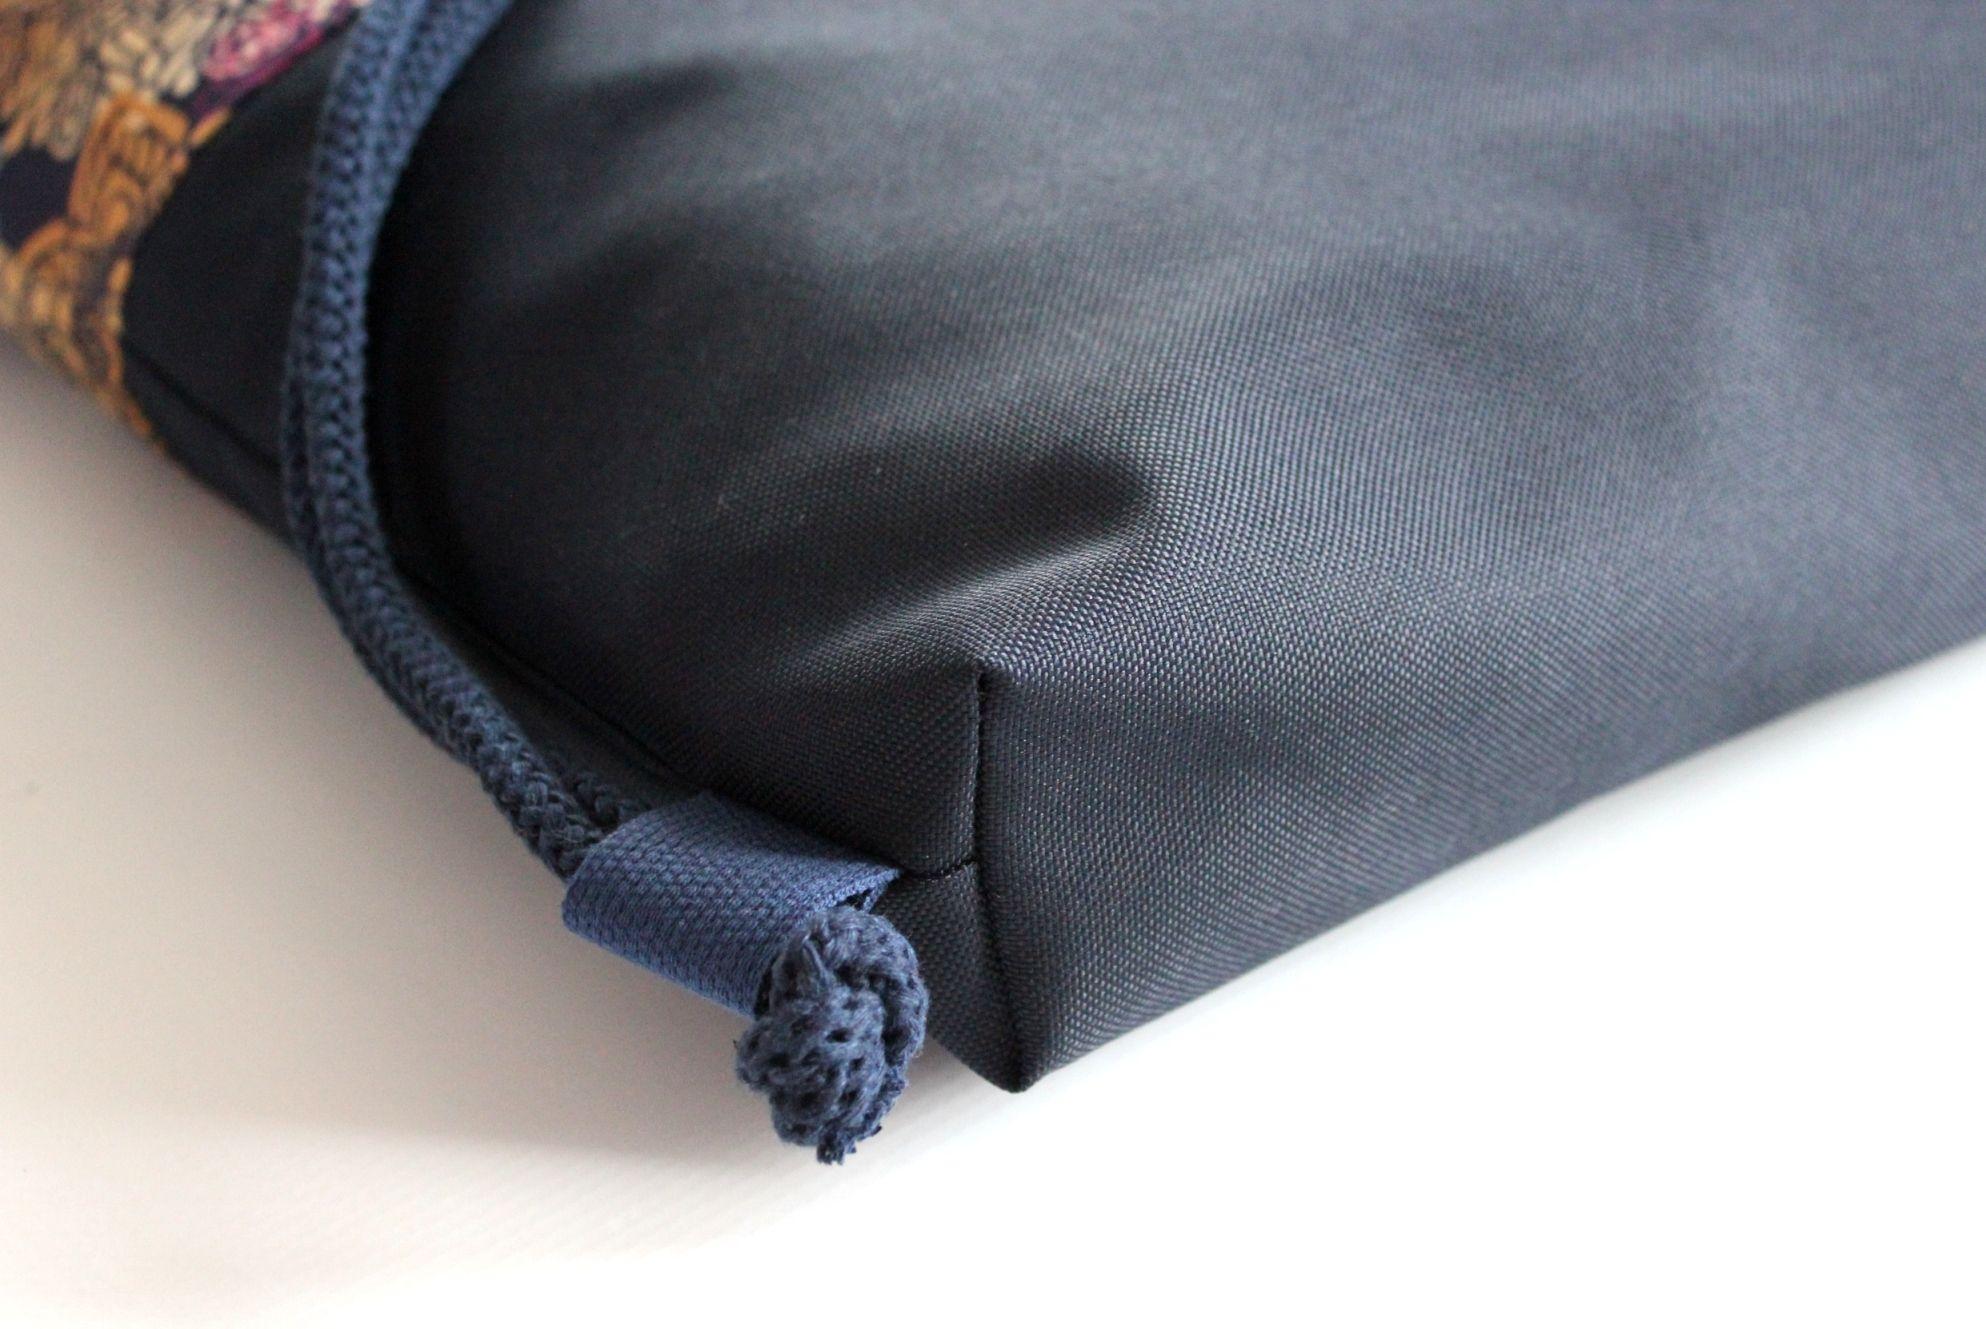 PLECAK WOREK MANDALA NA GRANATOWYM SPODZIE JAKO ELEMENT MIEJSKIEJ STYLIZACJI. Plecak worek wykonany z WODOODPORNEJ, szybkoschnącej i odpornej na brud tkanina. Multi-kolorowa mandala doskonale łączy się z granatowym spodem worko plecaka. W środku worko plecaka granatowa podszewka (kaletnicza, bardzo mocna), kieszonka zamykana na zamek, karabińczyk np. na klucze lub inne rzeczy, które można przypiąć. Plecaczek ma dodatkowo rączki do trzymania go w dłoni. Jest to bardzo funkcjonalny element - tak donoszą nasze zadowolone Klientki. Produkt szyty ręcznie, z najwyższą dokładnością a jego oryginalny wzór nie pozostawi nikogo obojętnym. Wymiary (+/-2cm): wys - 43cmszer - 37cm dno: - 4 cm Zalety: - rączka/uchwyty do trzymania jak torebkę- kaletnicza i wodoodporna podszewka z zamykaną kieszonką na zamek- karabińczyk na klucze wewnątrz plecakoworka- gruby bawełniany sznur 8mm- wodoodporny- łatwość w utrzymaniu czystości- wytrzymałość- piękny designPielęgnacja: - zalecane pranie ręczne- temp. pran